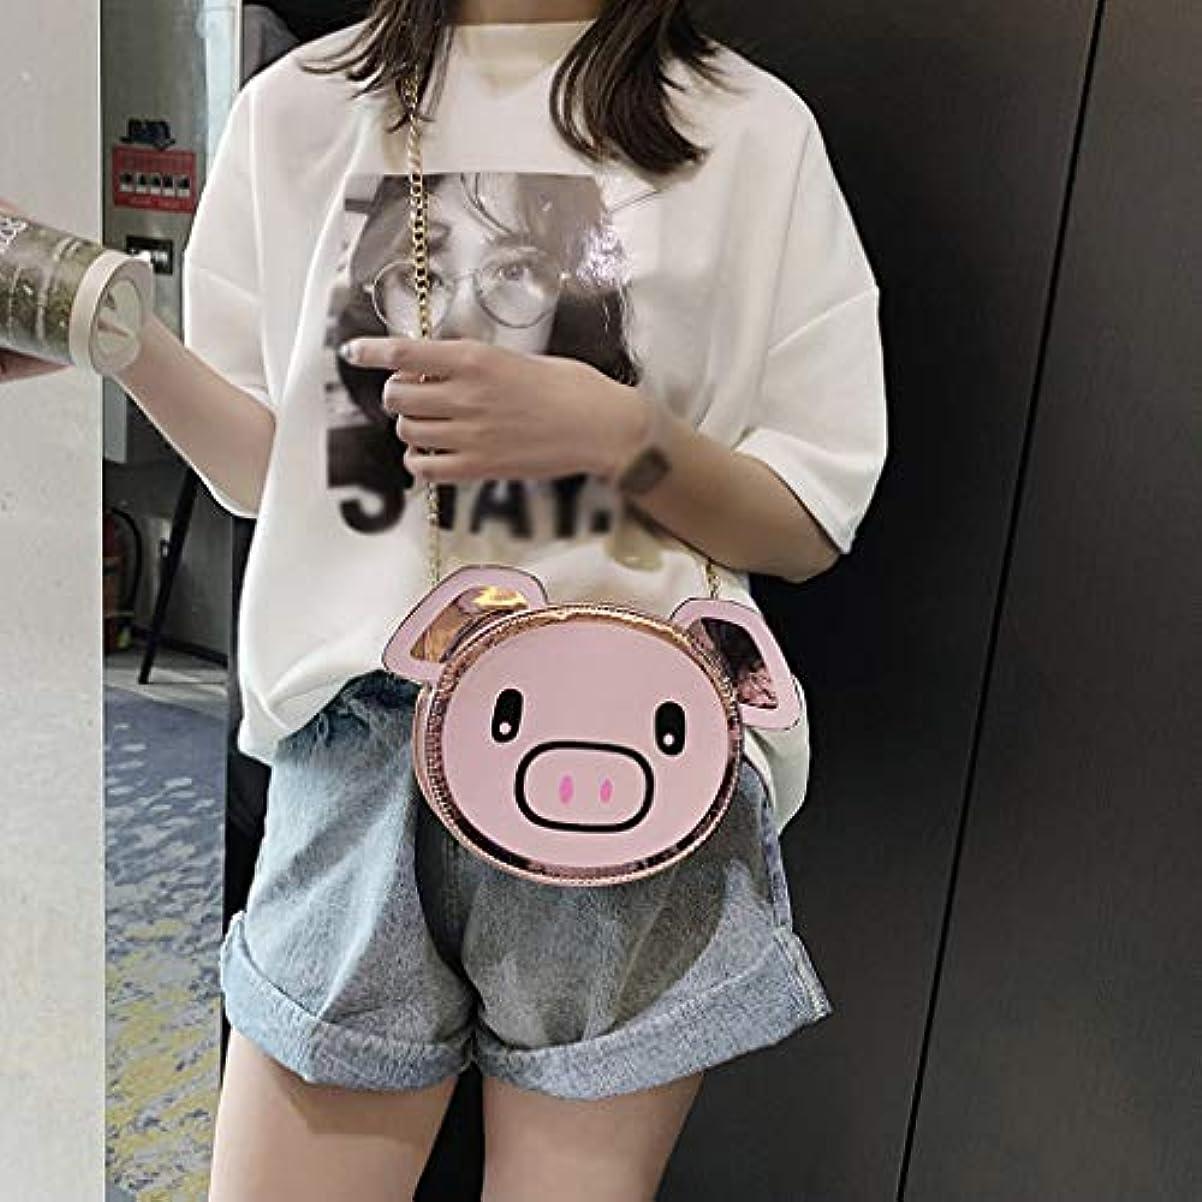 シャッターまあ無駄にファッション女の子革チェーン野生のかわいい漫画豚肩メッセンジャーバッグ、女の子チェーン野生のかわいい豚肩メッセンジャーバッグ (ピンク)